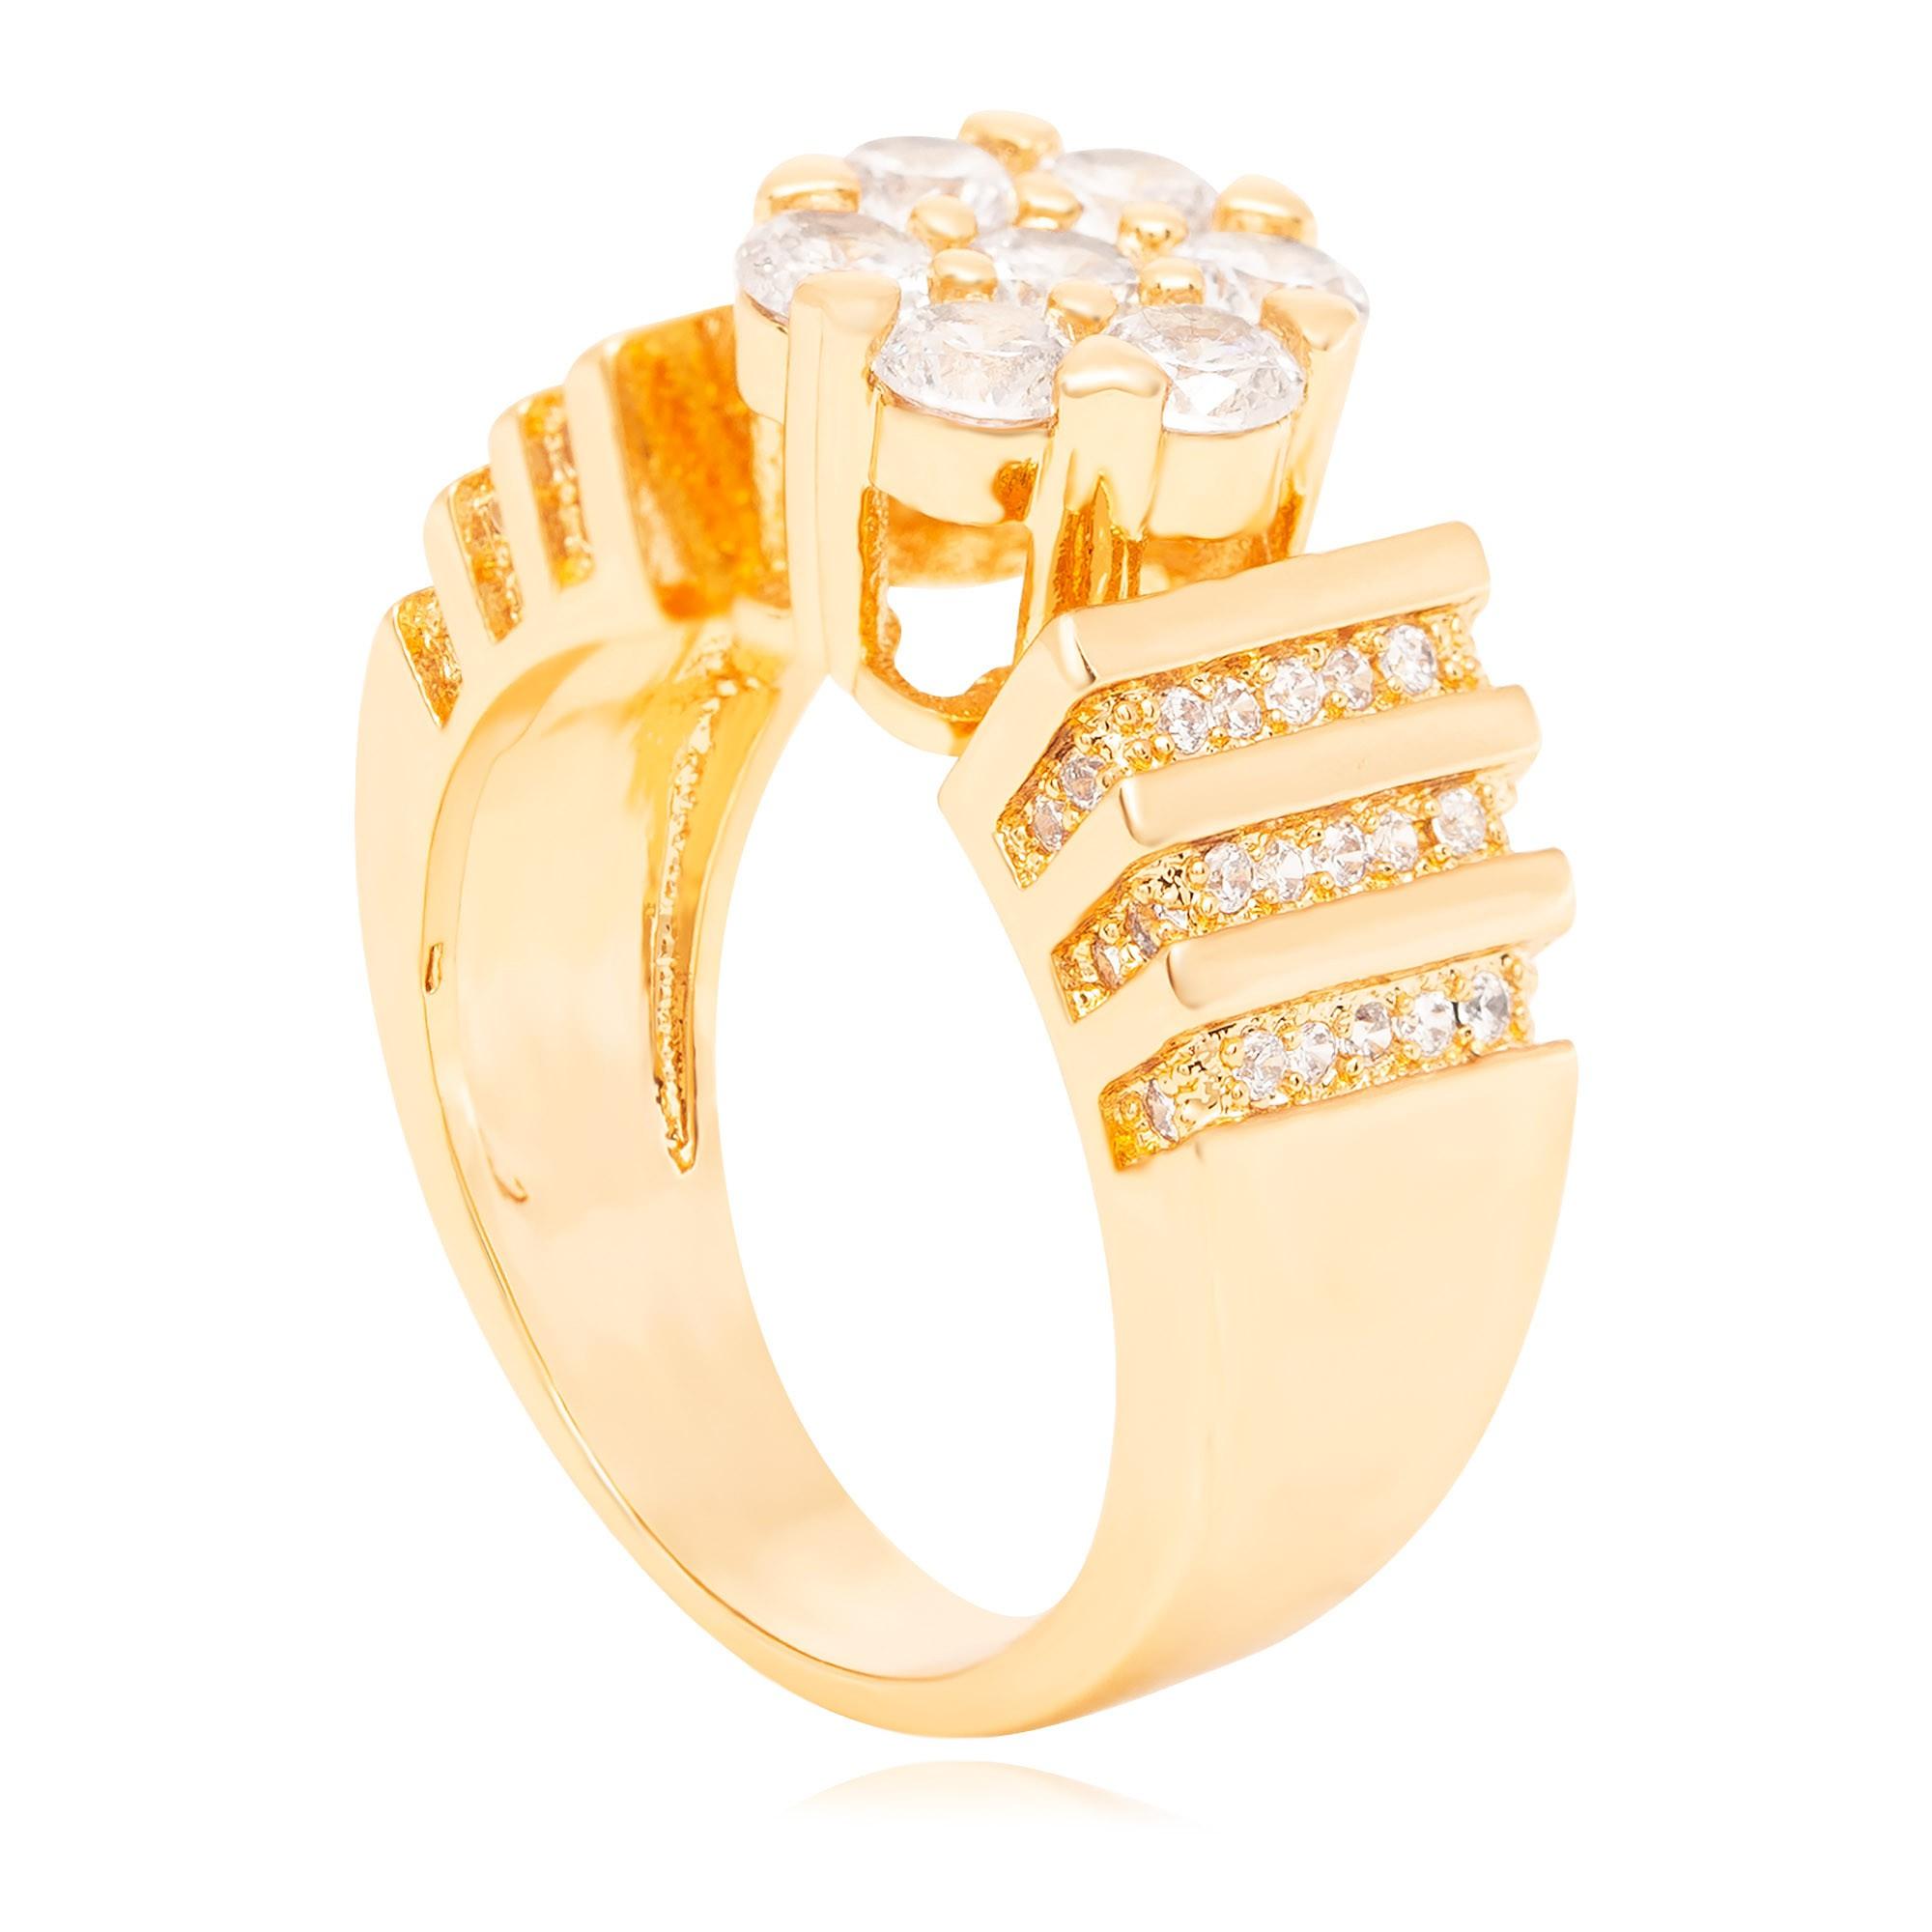 Anel cravejado com micro zircônias banhado a ouro 18k  - romabrazil.com.br